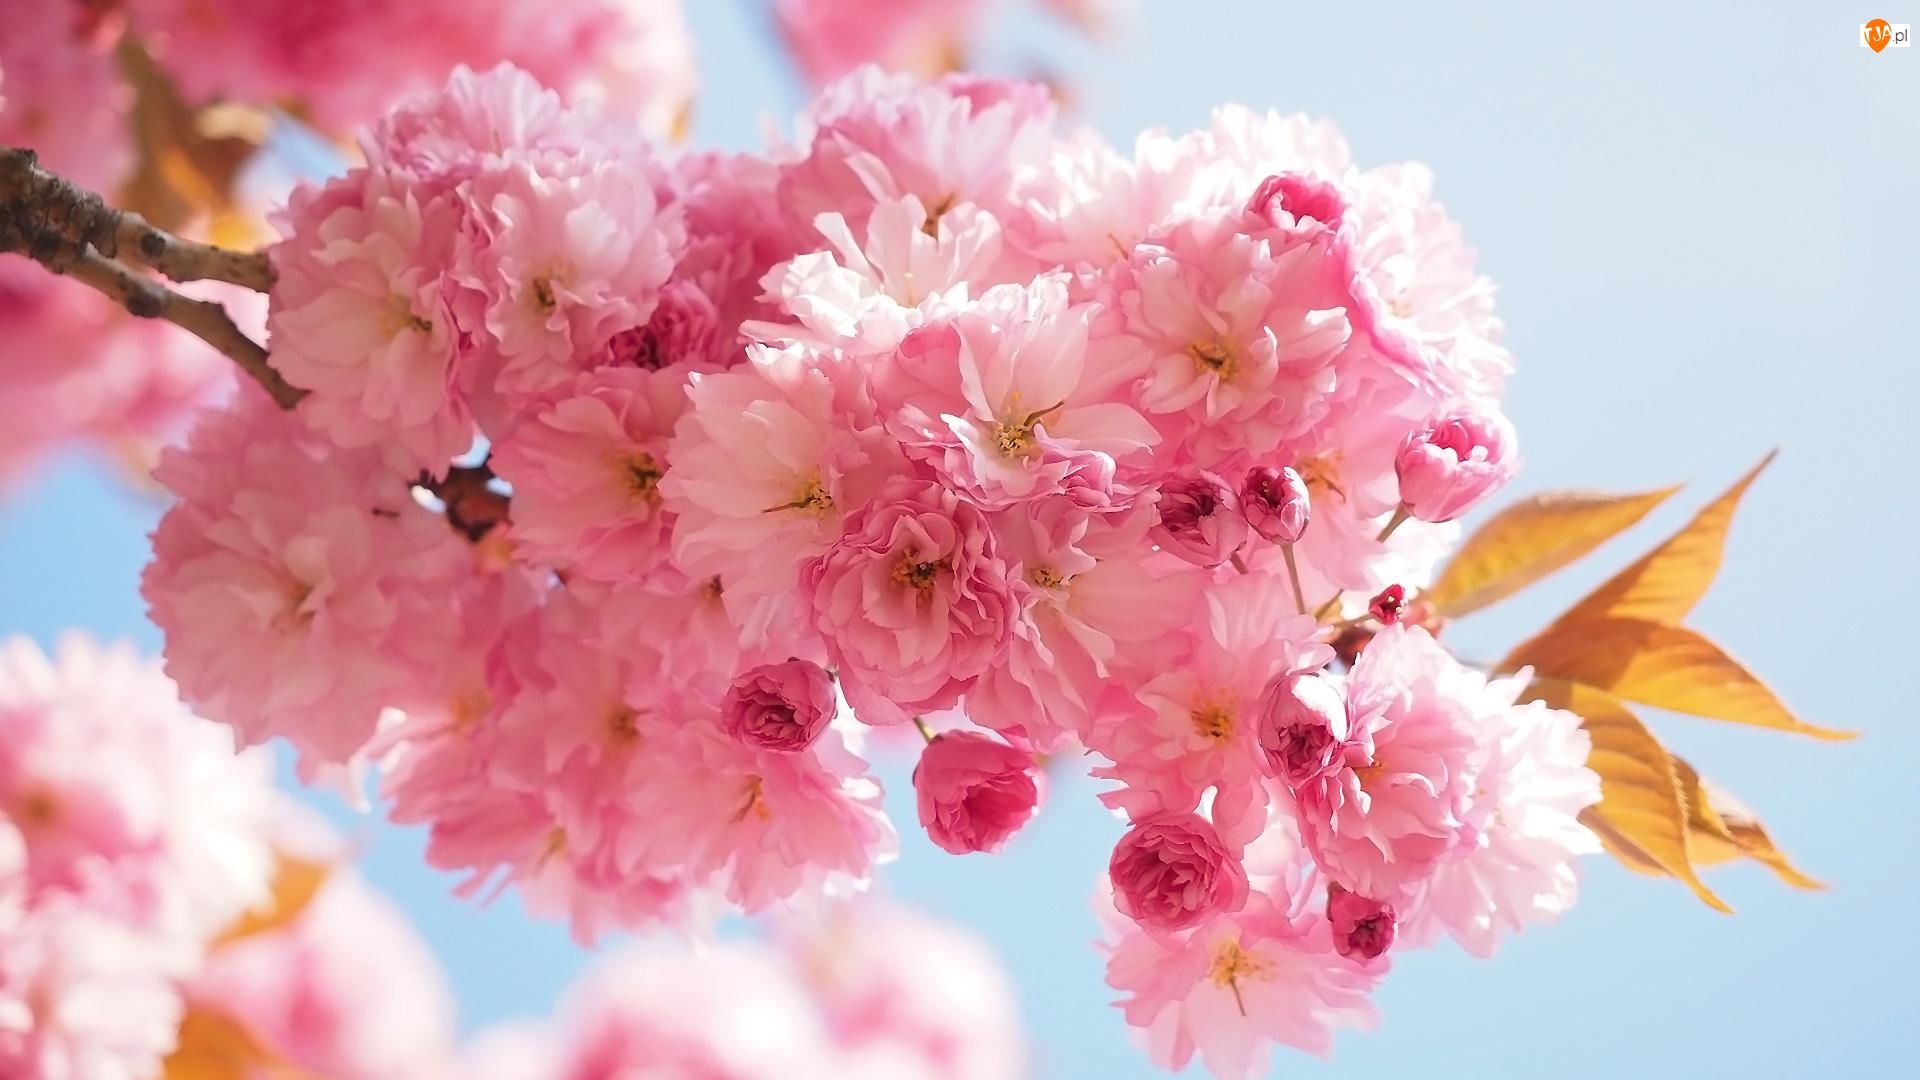 Kwiaty, Drzewo owocowe, Wiśnia japońska, Gałązka